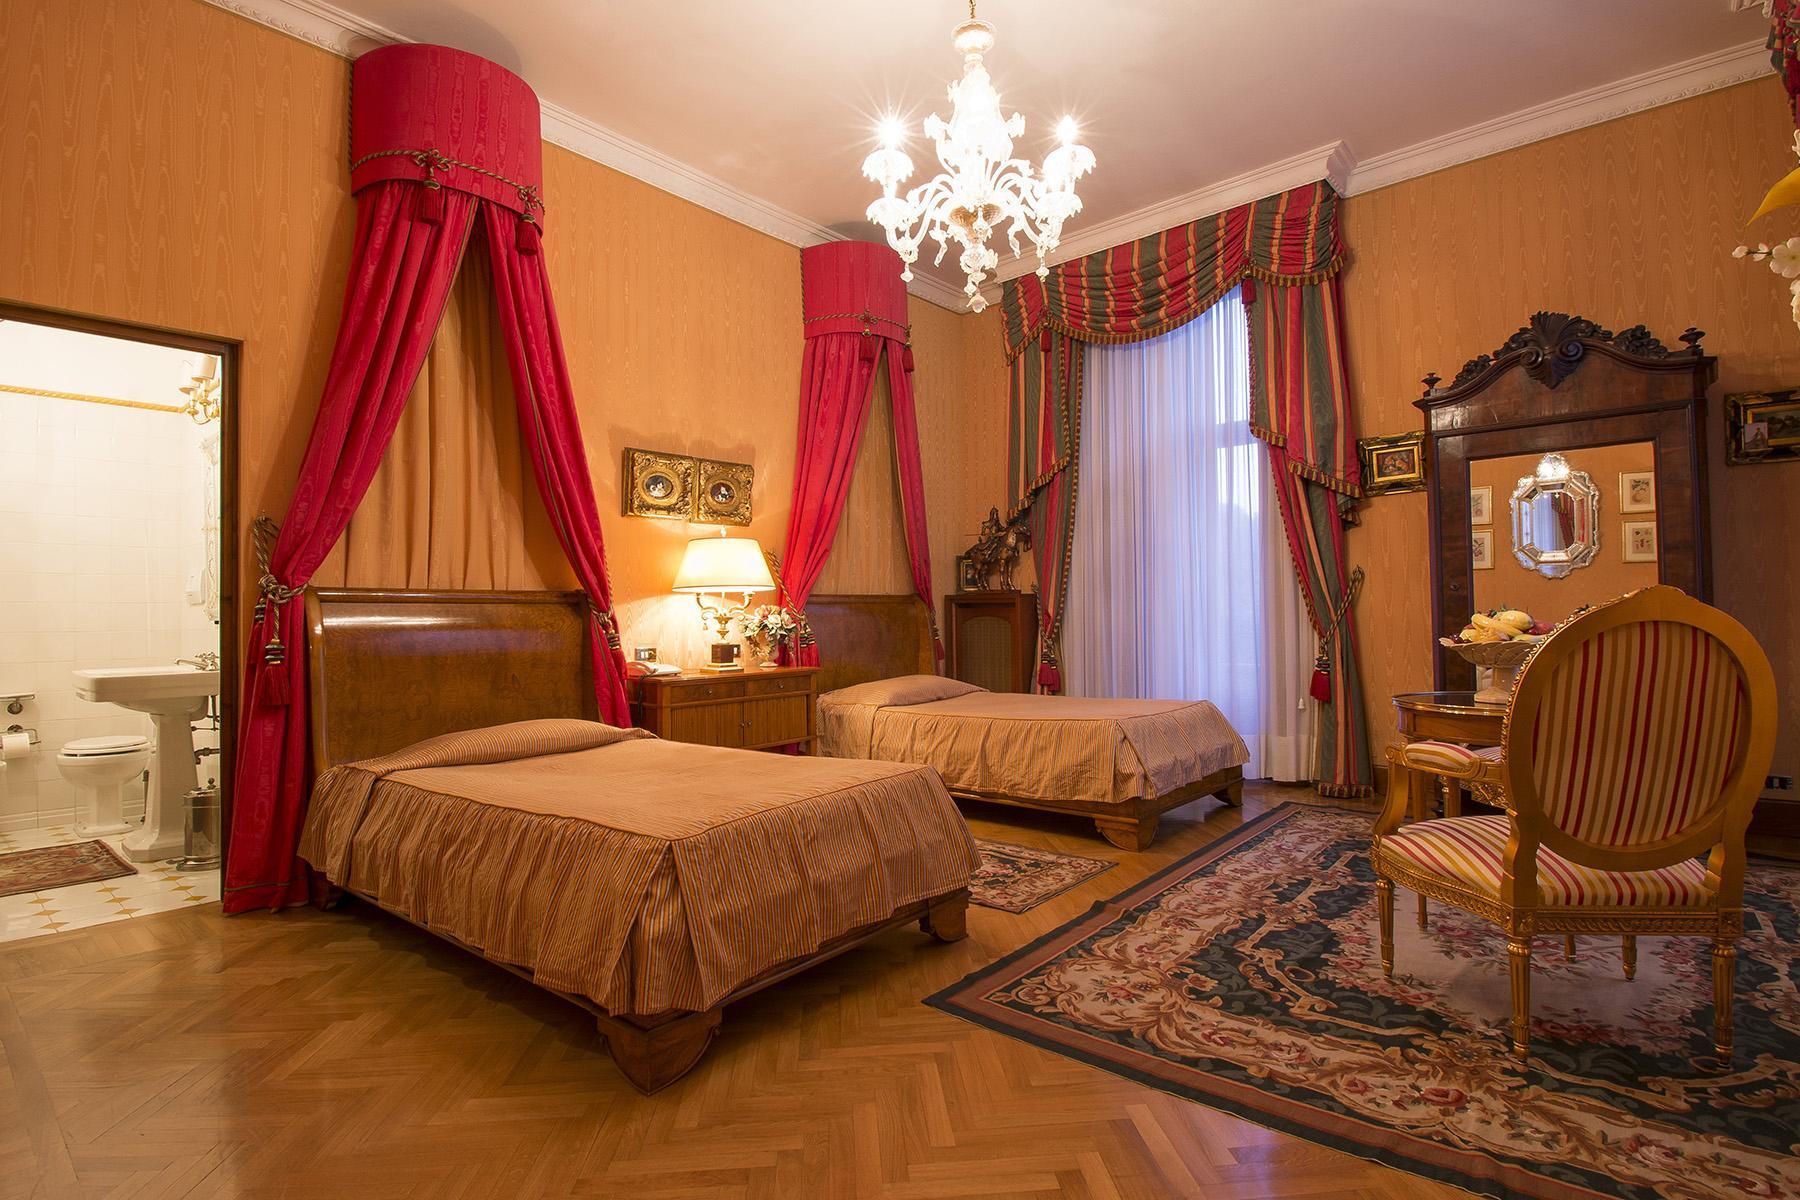 Charmante historische Villa aus dem 15. Jahrhundert - 15